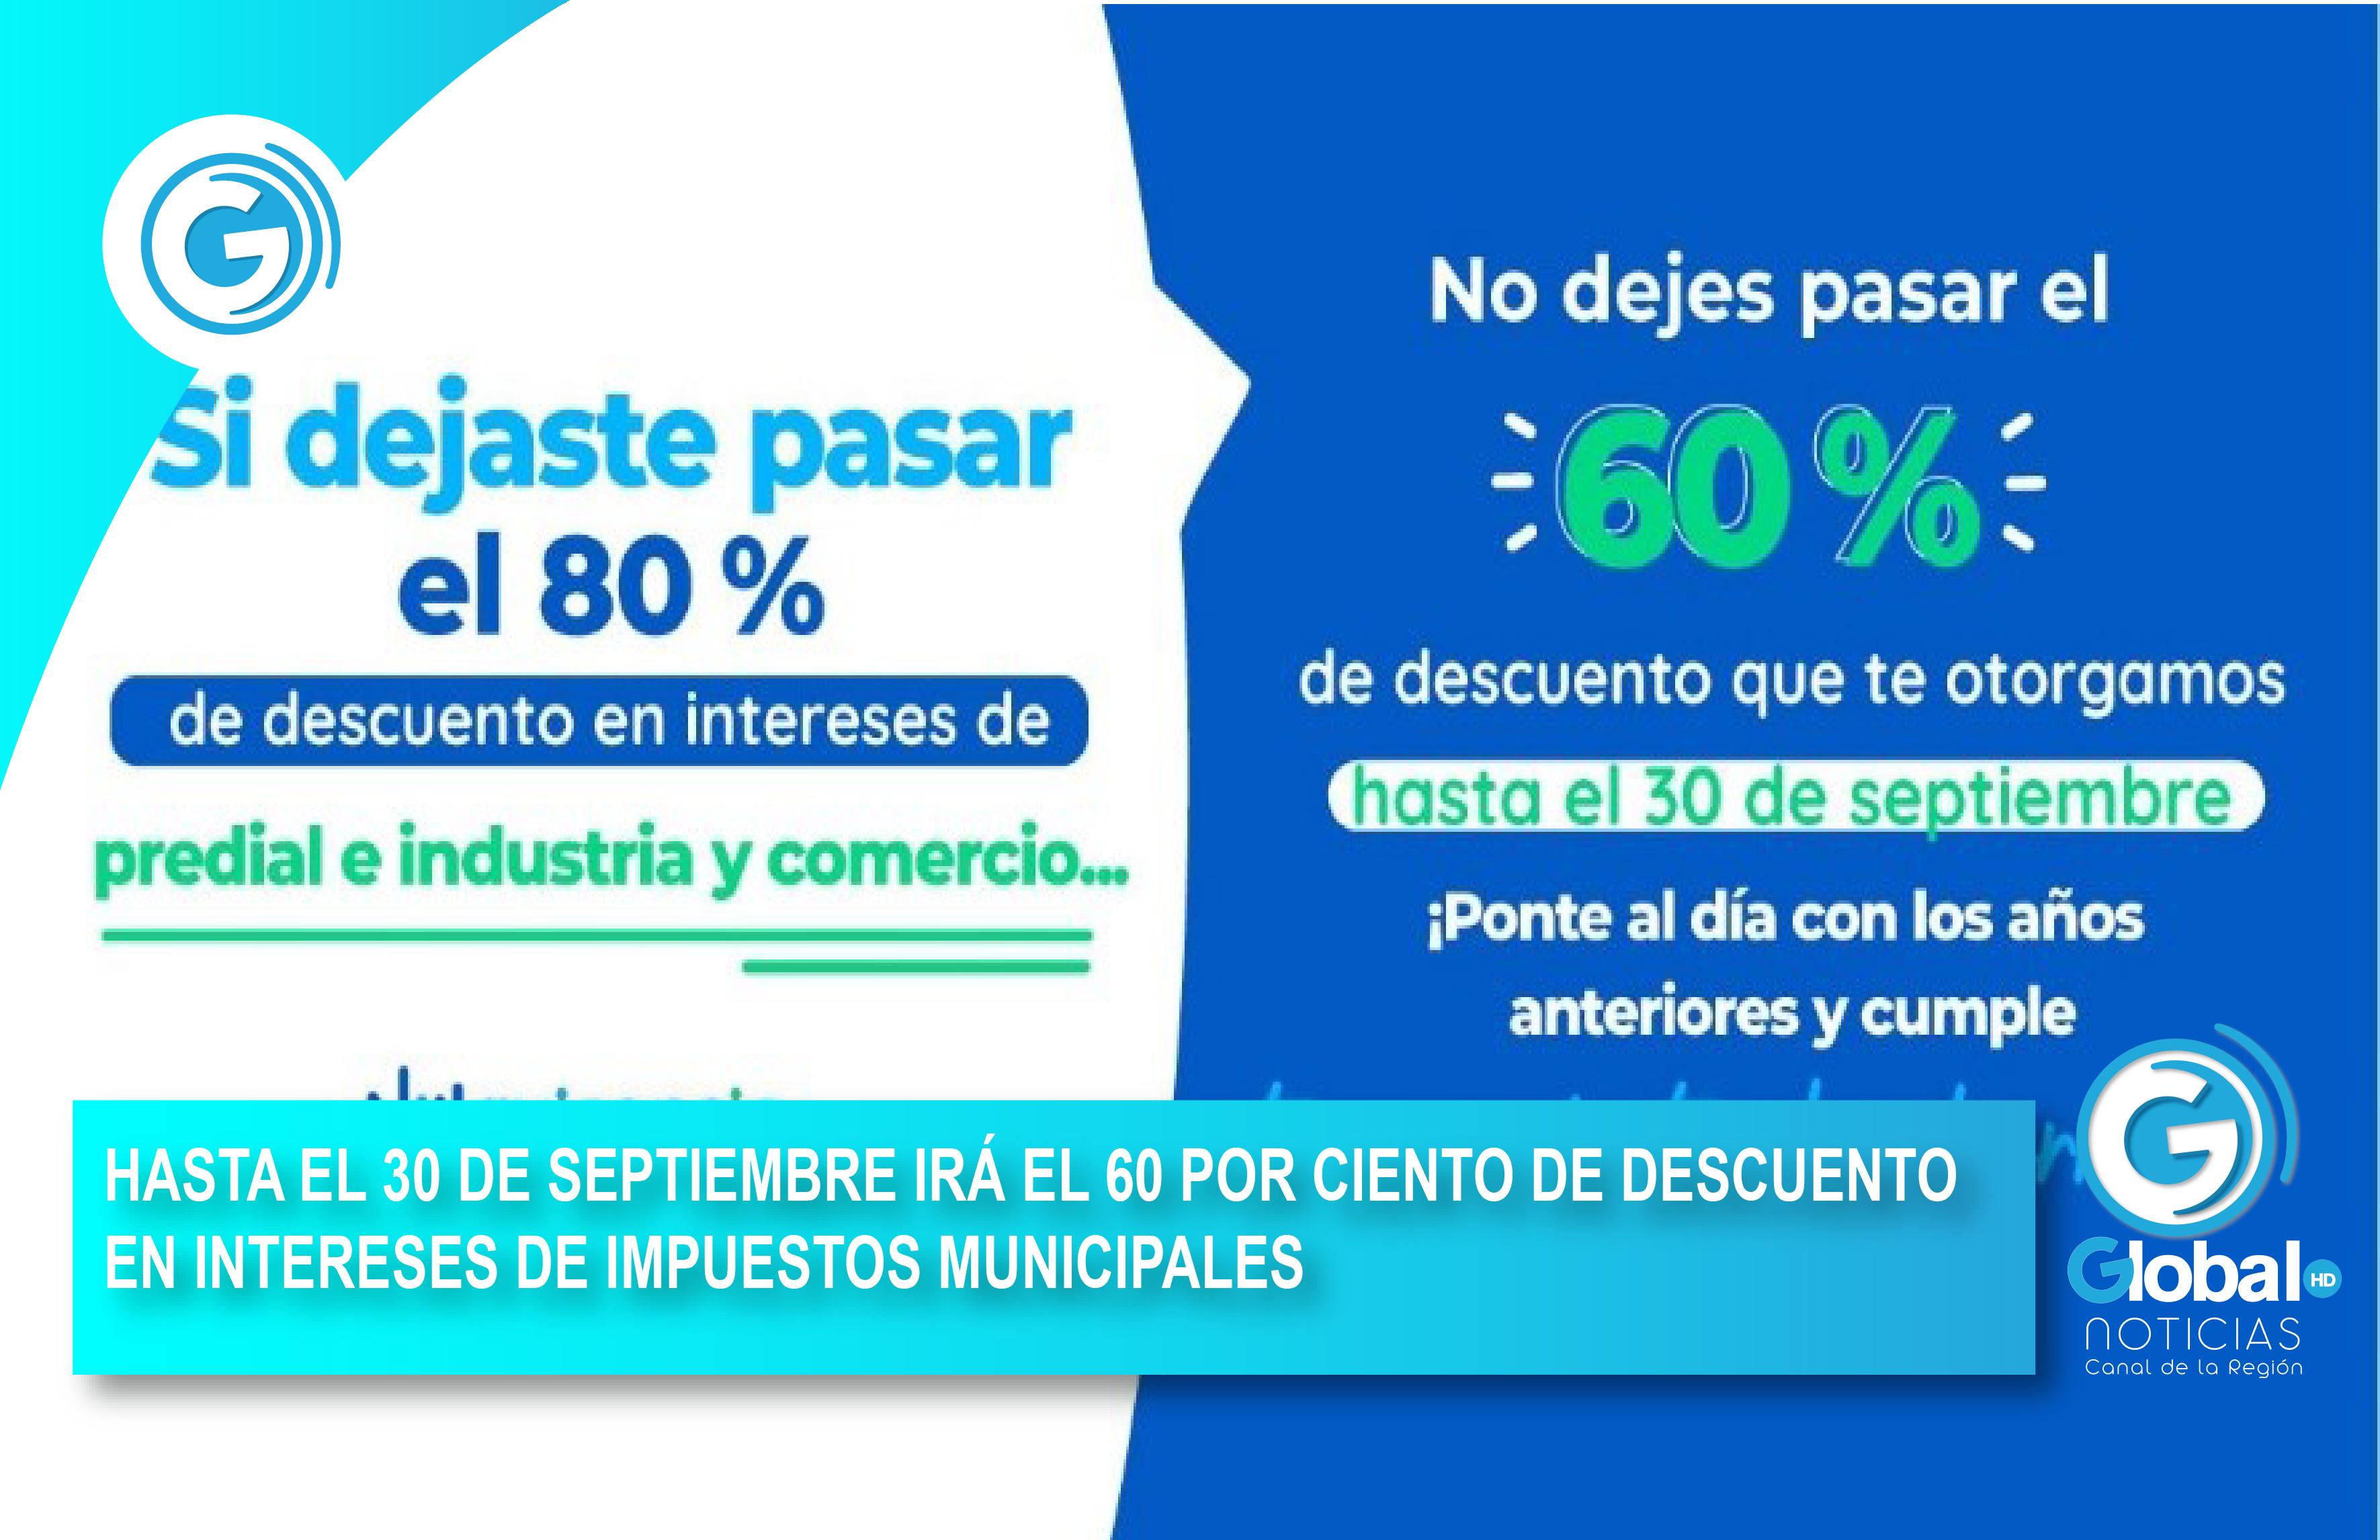 HASTA EL 30 DE SEPTIEMBRE IRÁ EL 60 POR CIENTO DE DESCUENTO EN INTERESES DE IMPUESTOS MUNICIPALES